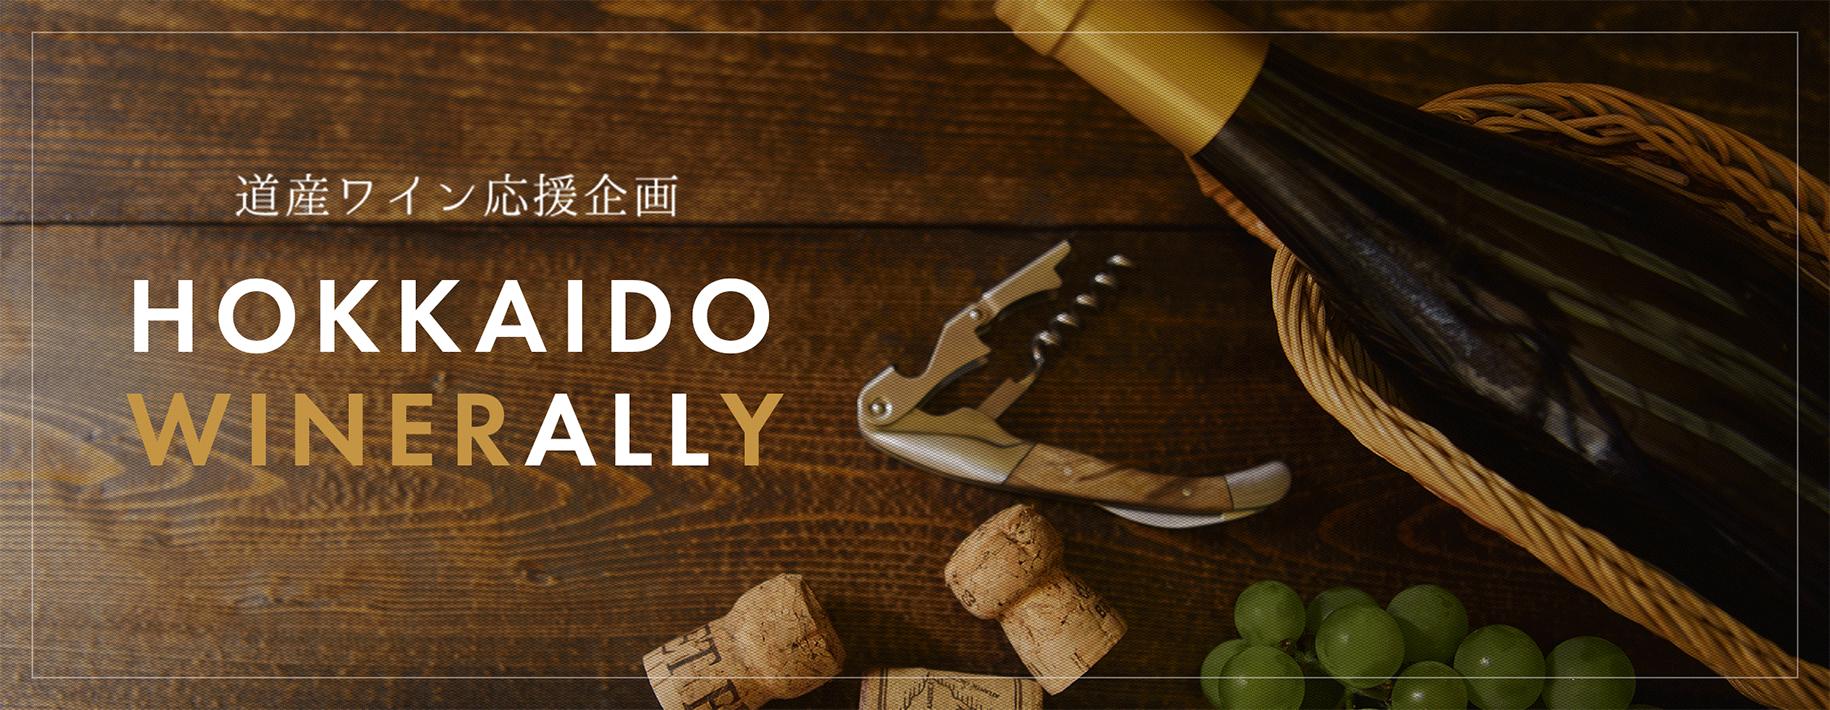 道産ワイン応援企画 HOKKAIDO WINERALLY